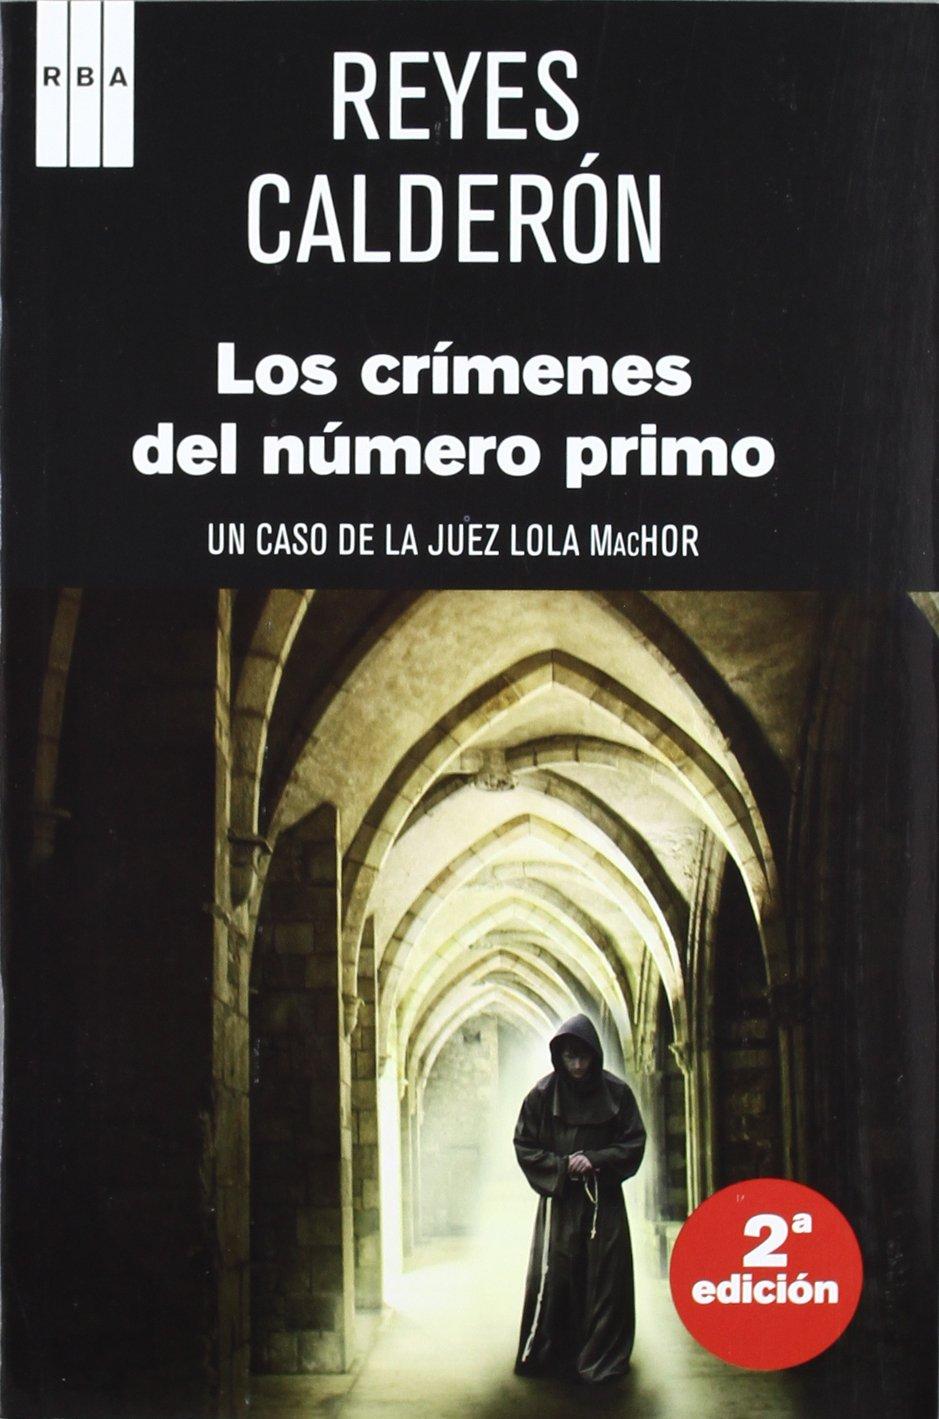 Los crimenes del numero primo (NOVELA POLICÍACA): Amazon.es: CALDERÓN, REYES: Libros